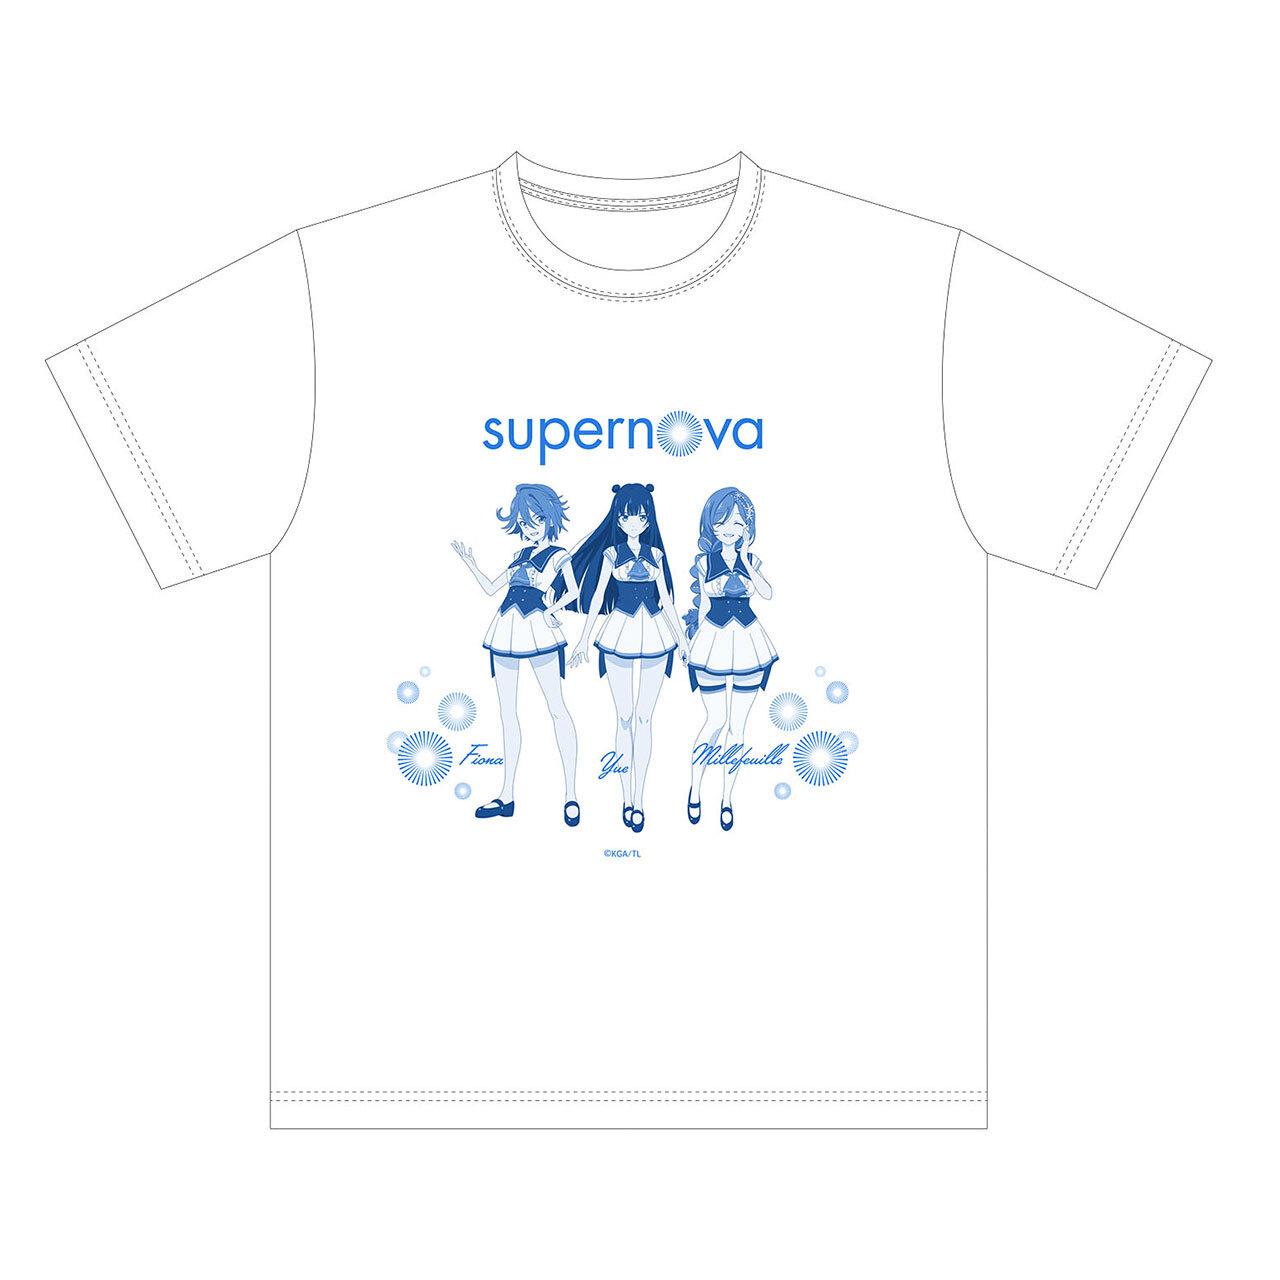 【4589839354684予】ラピスリライツ supernova Tシャツ 白/Lサイズ